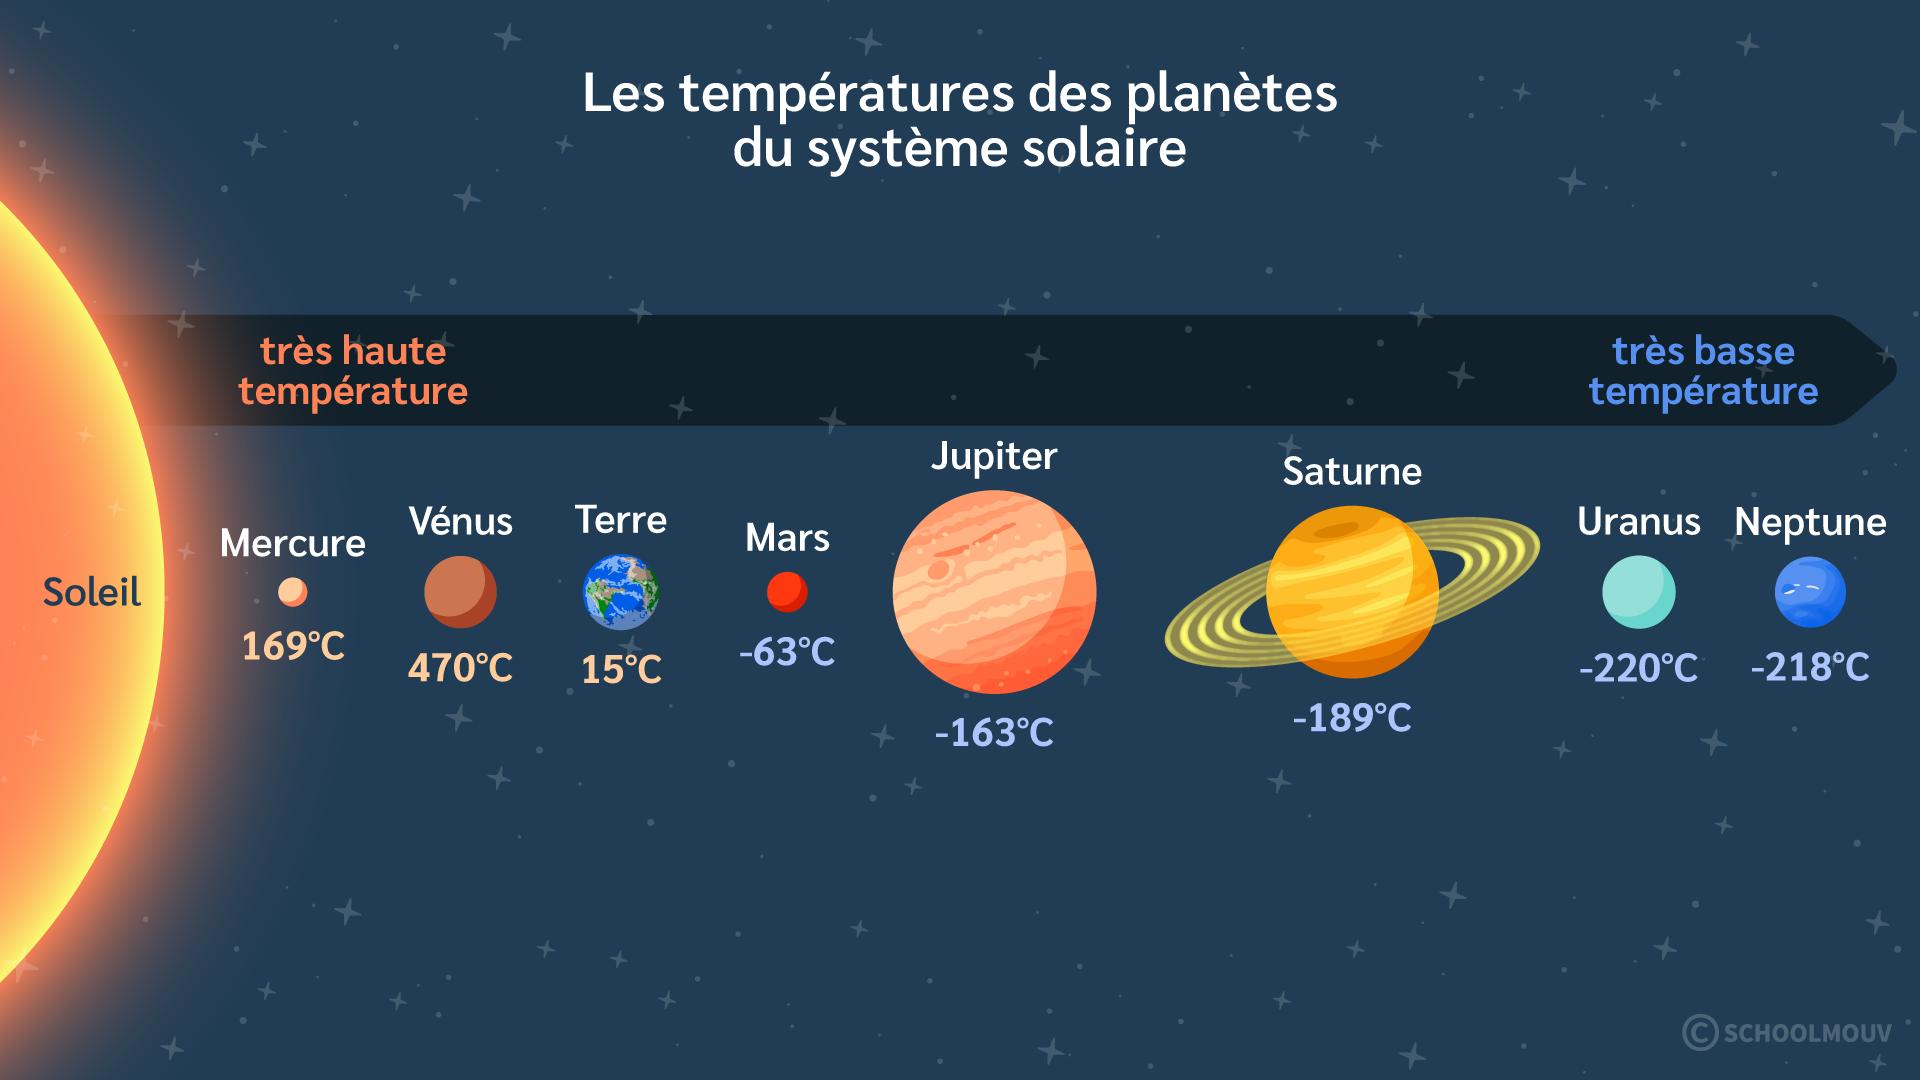 Primaire cm1 sciences technologies terre conditions vie terrestre température planètes